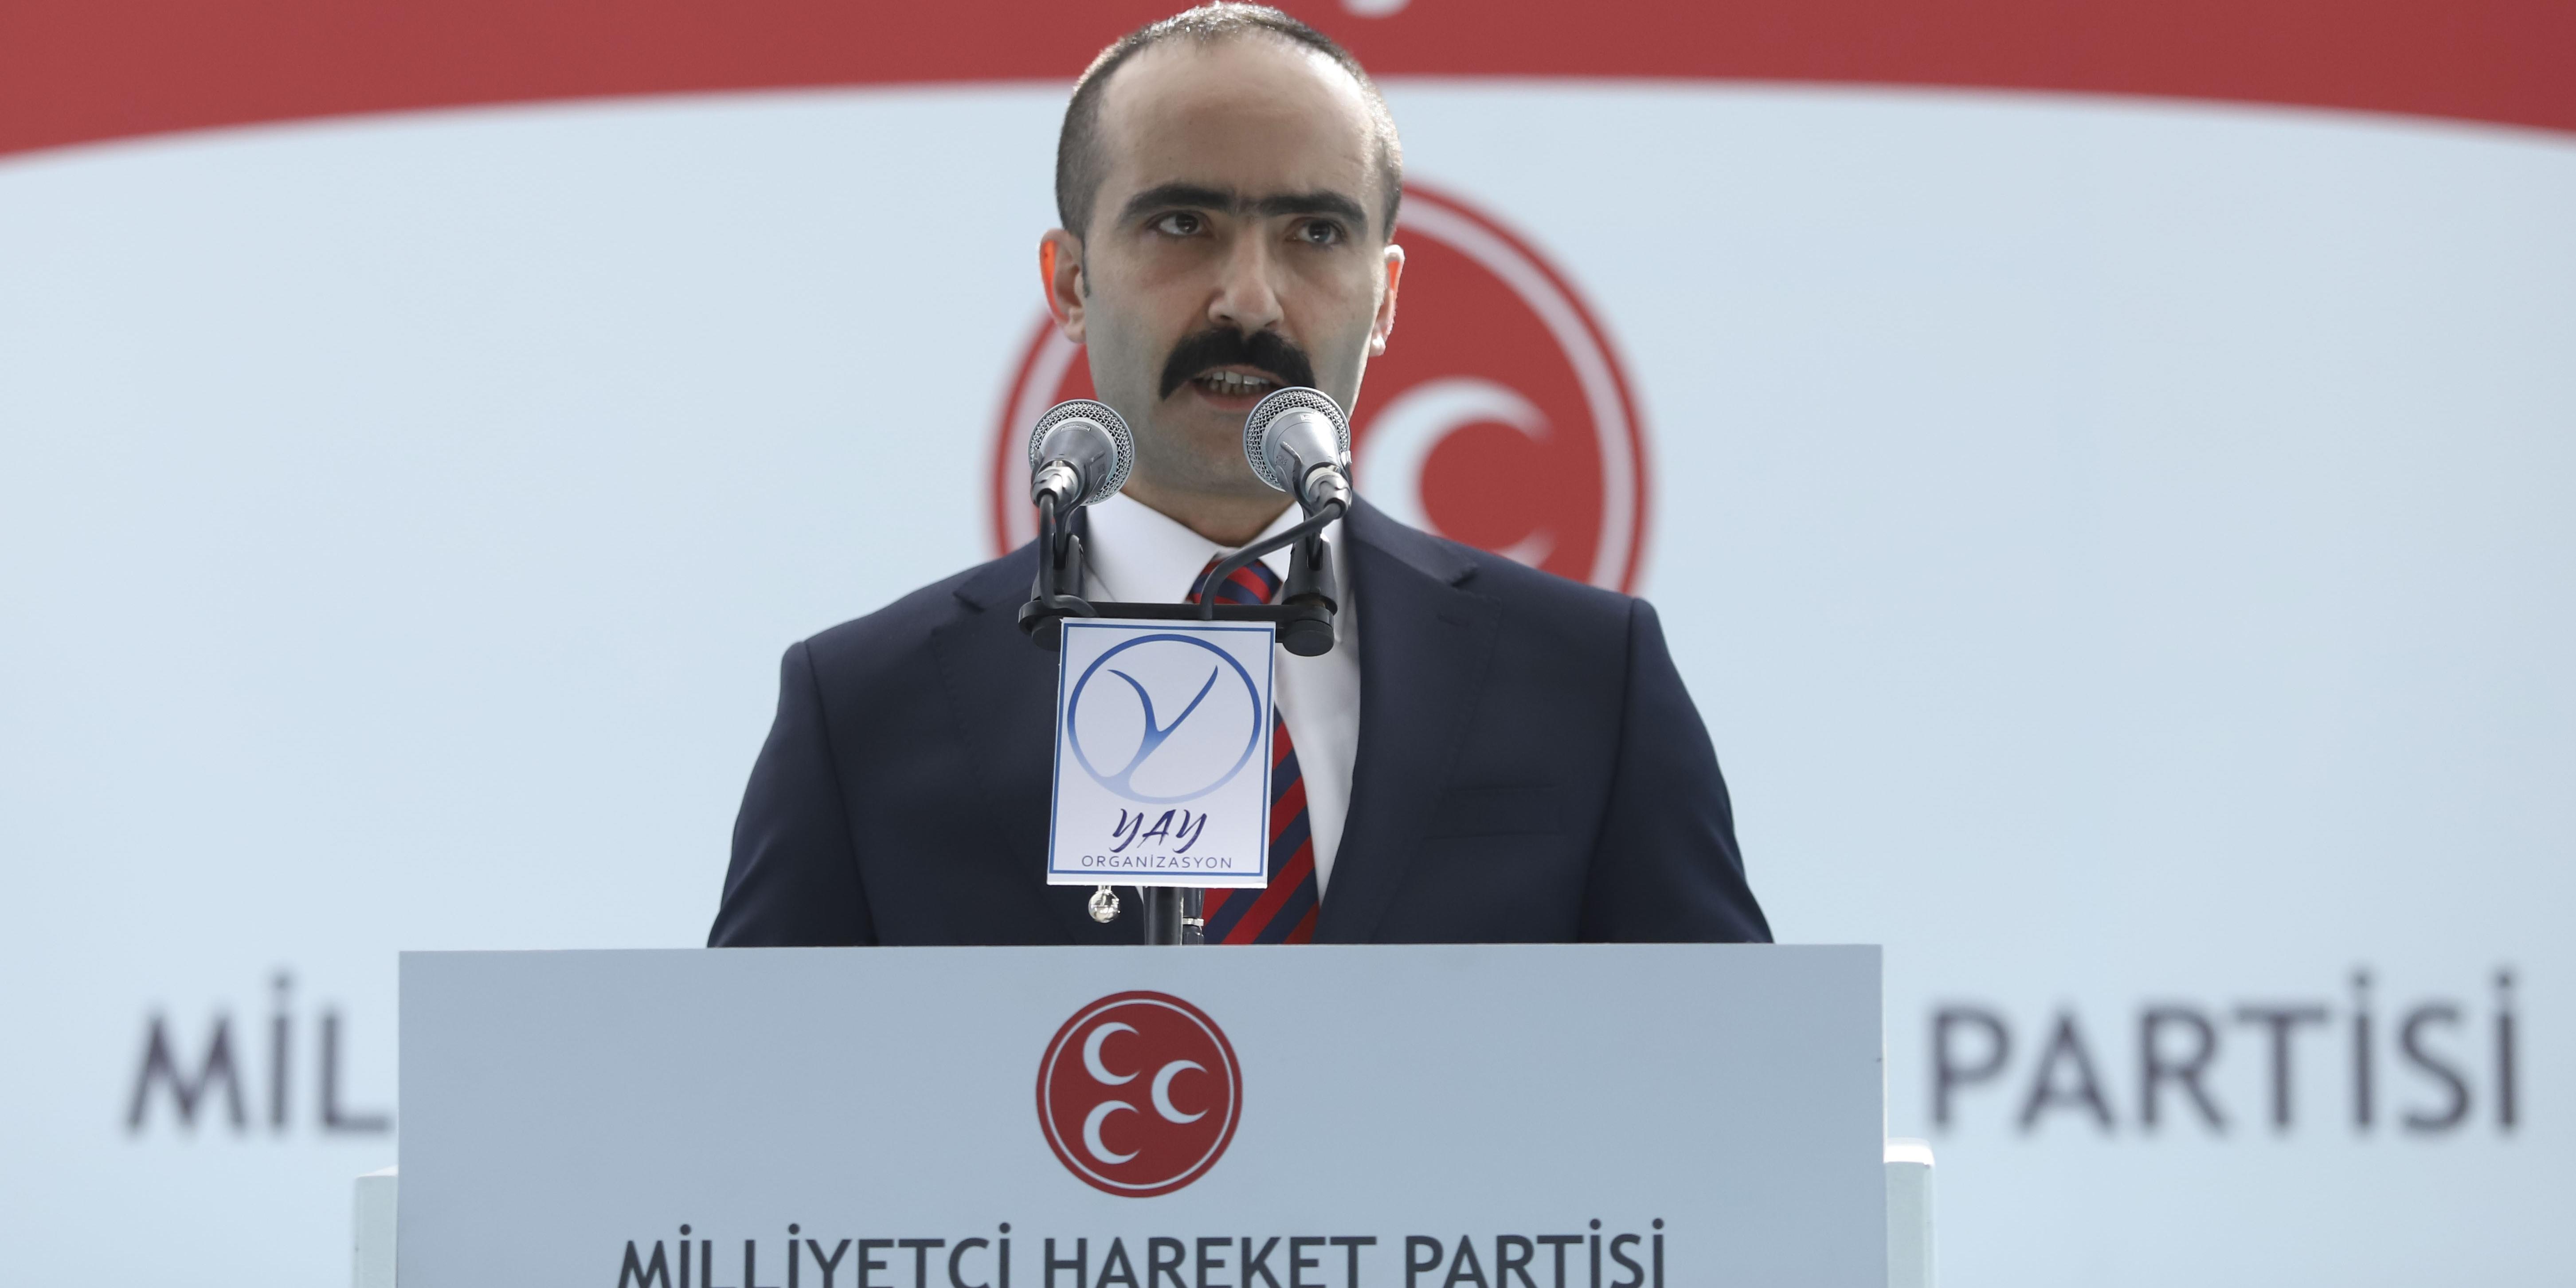 MHP Ankara İl Başkanlığı 13. Olağan Kongresi gerçekleşti